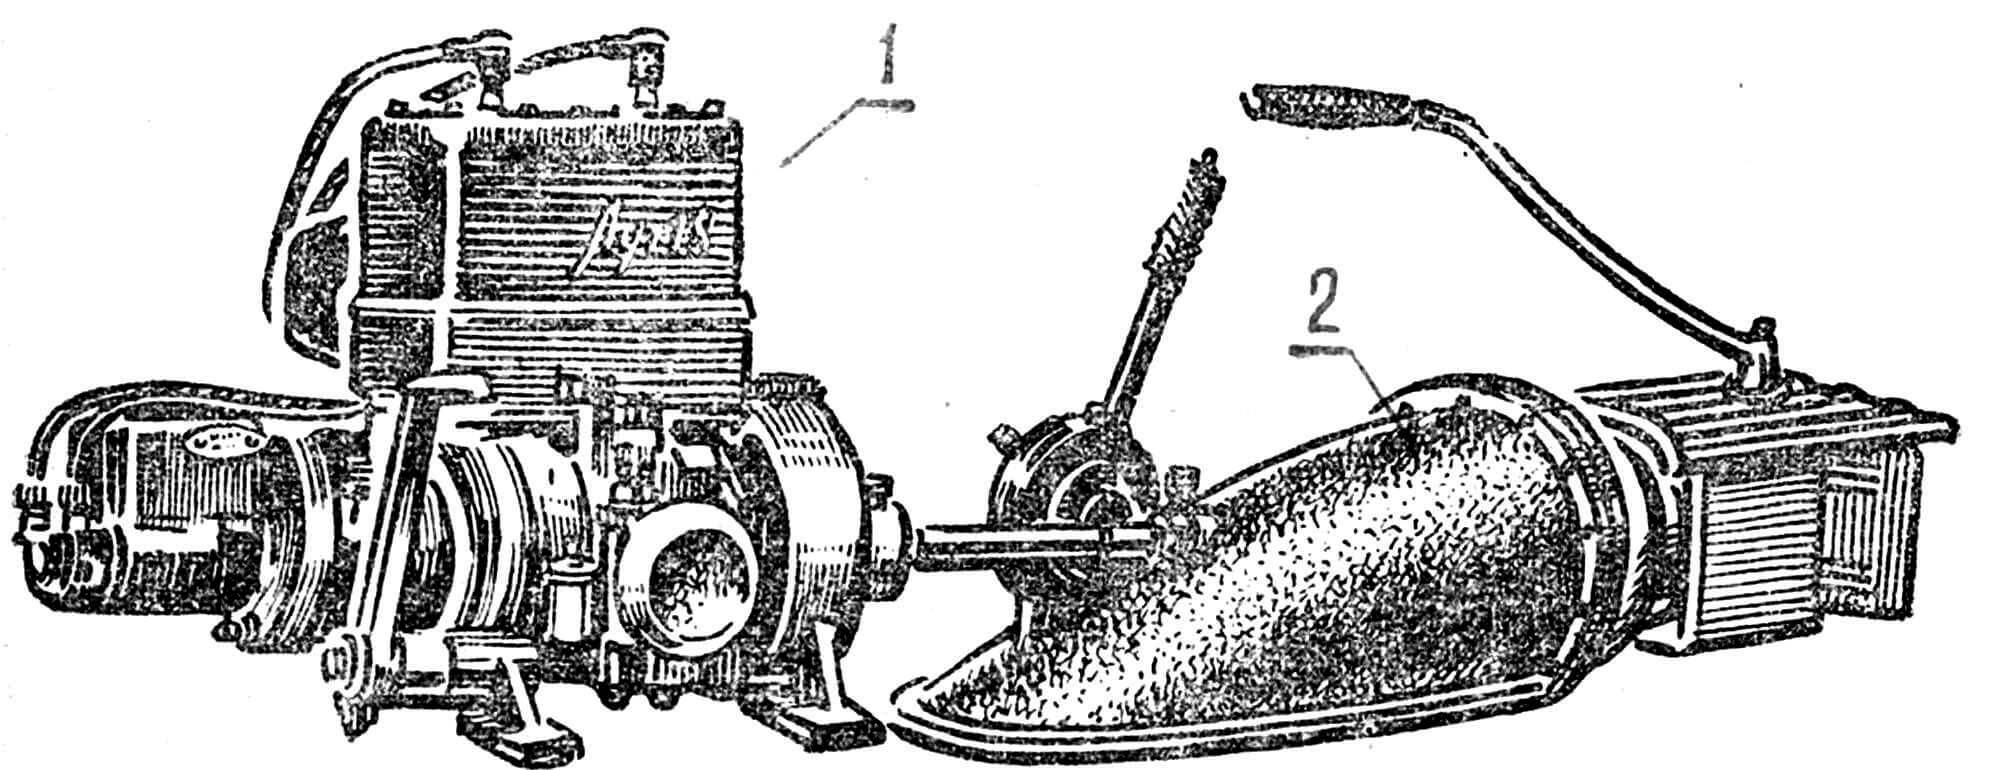 Рис. 6. Водометный комплекс «Луч-18», серийно выпускаемый Богородским механическим заводом для продажи населению: 1 — двигатель внутреннего сгорания, мощность — 18 л. с.; 2 — водометный движитель.